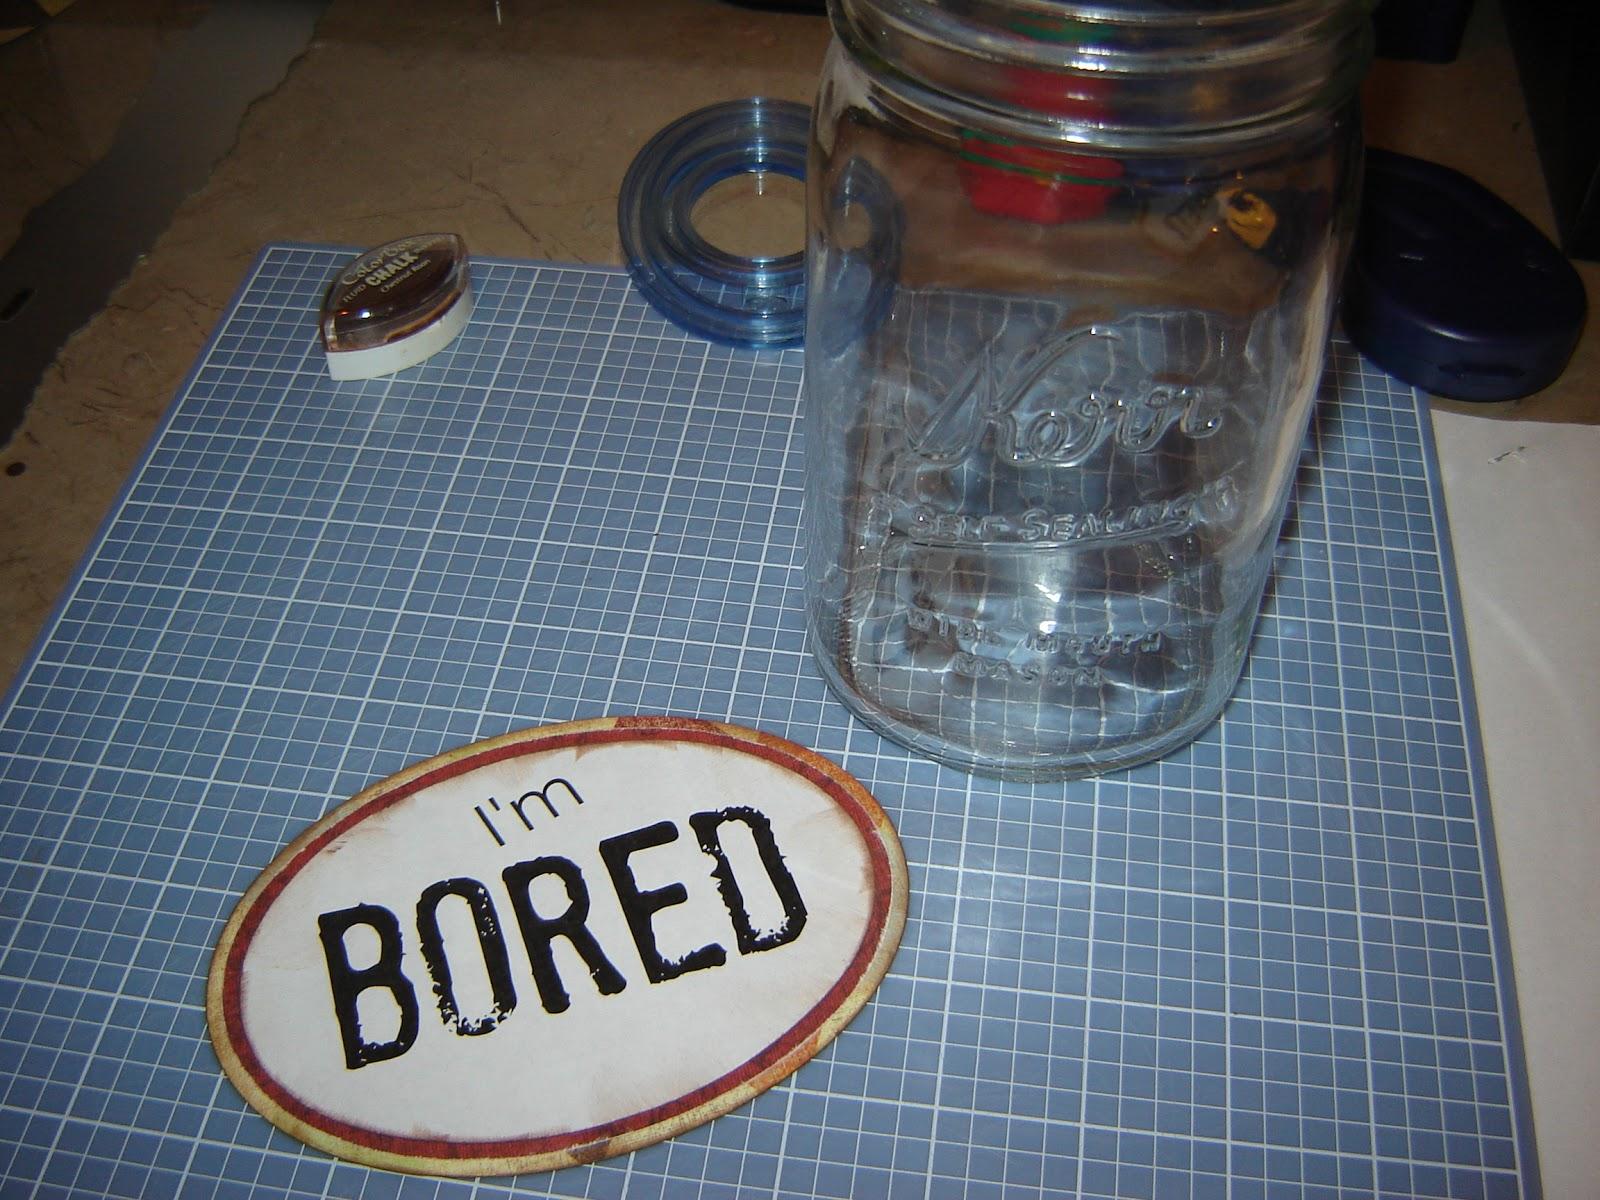 I M Bored Jar: She Who Makes: The I'm Bored Jar